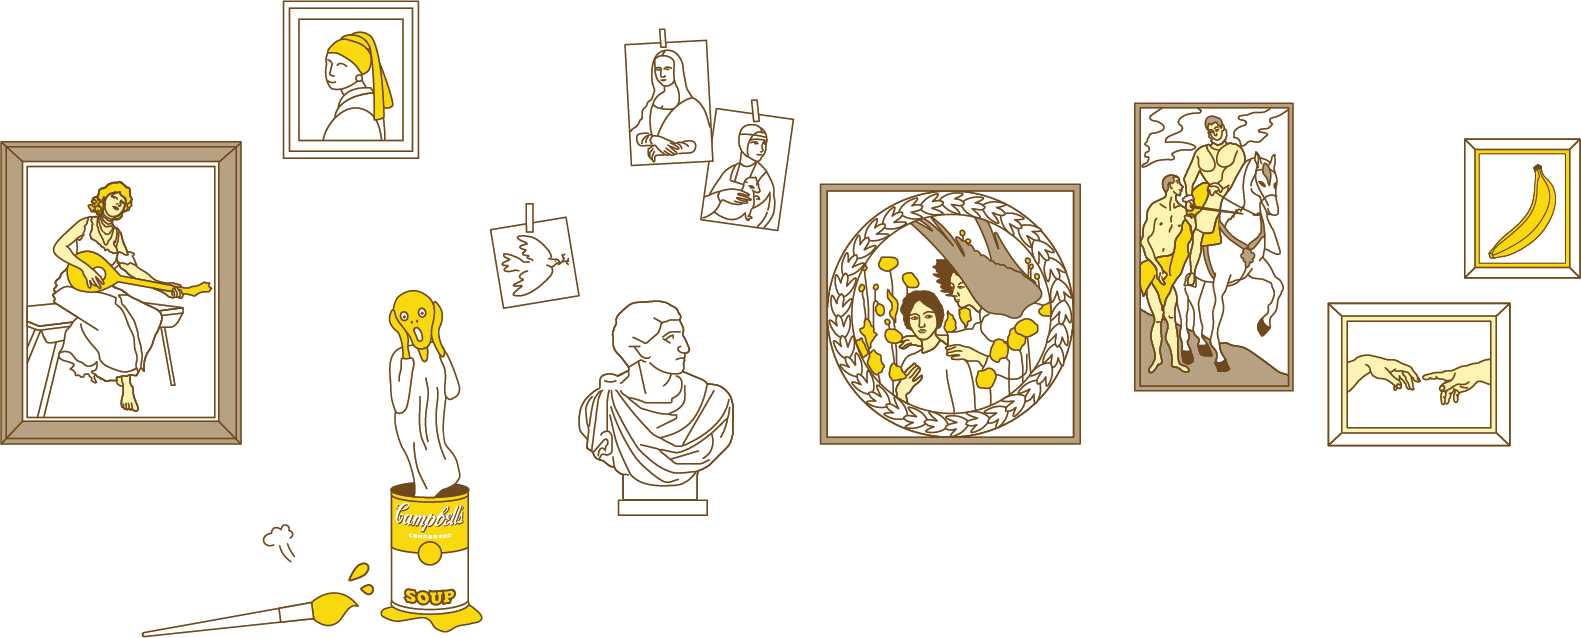 由左至右:法蘭契斯可.奧利弗《彈曼陀林的少女》,維梅爾《戴珍珠耳環的少女》,孟克《吶喊》,安迪·沃荷《金寶湯罐頭》,畢卡索《和平鴿》,米開朗基羅《布魯特斯胸像》,達文西《蒙娜麗莎的微笑》《抱貂的女子》,湯瑪斯.古柏.高奇《信息》,艾爾·葛雷柯《聖馬丁與乞丐》,米開朗基羅《創世紀》局部,安迪·沃荷《香蕉》